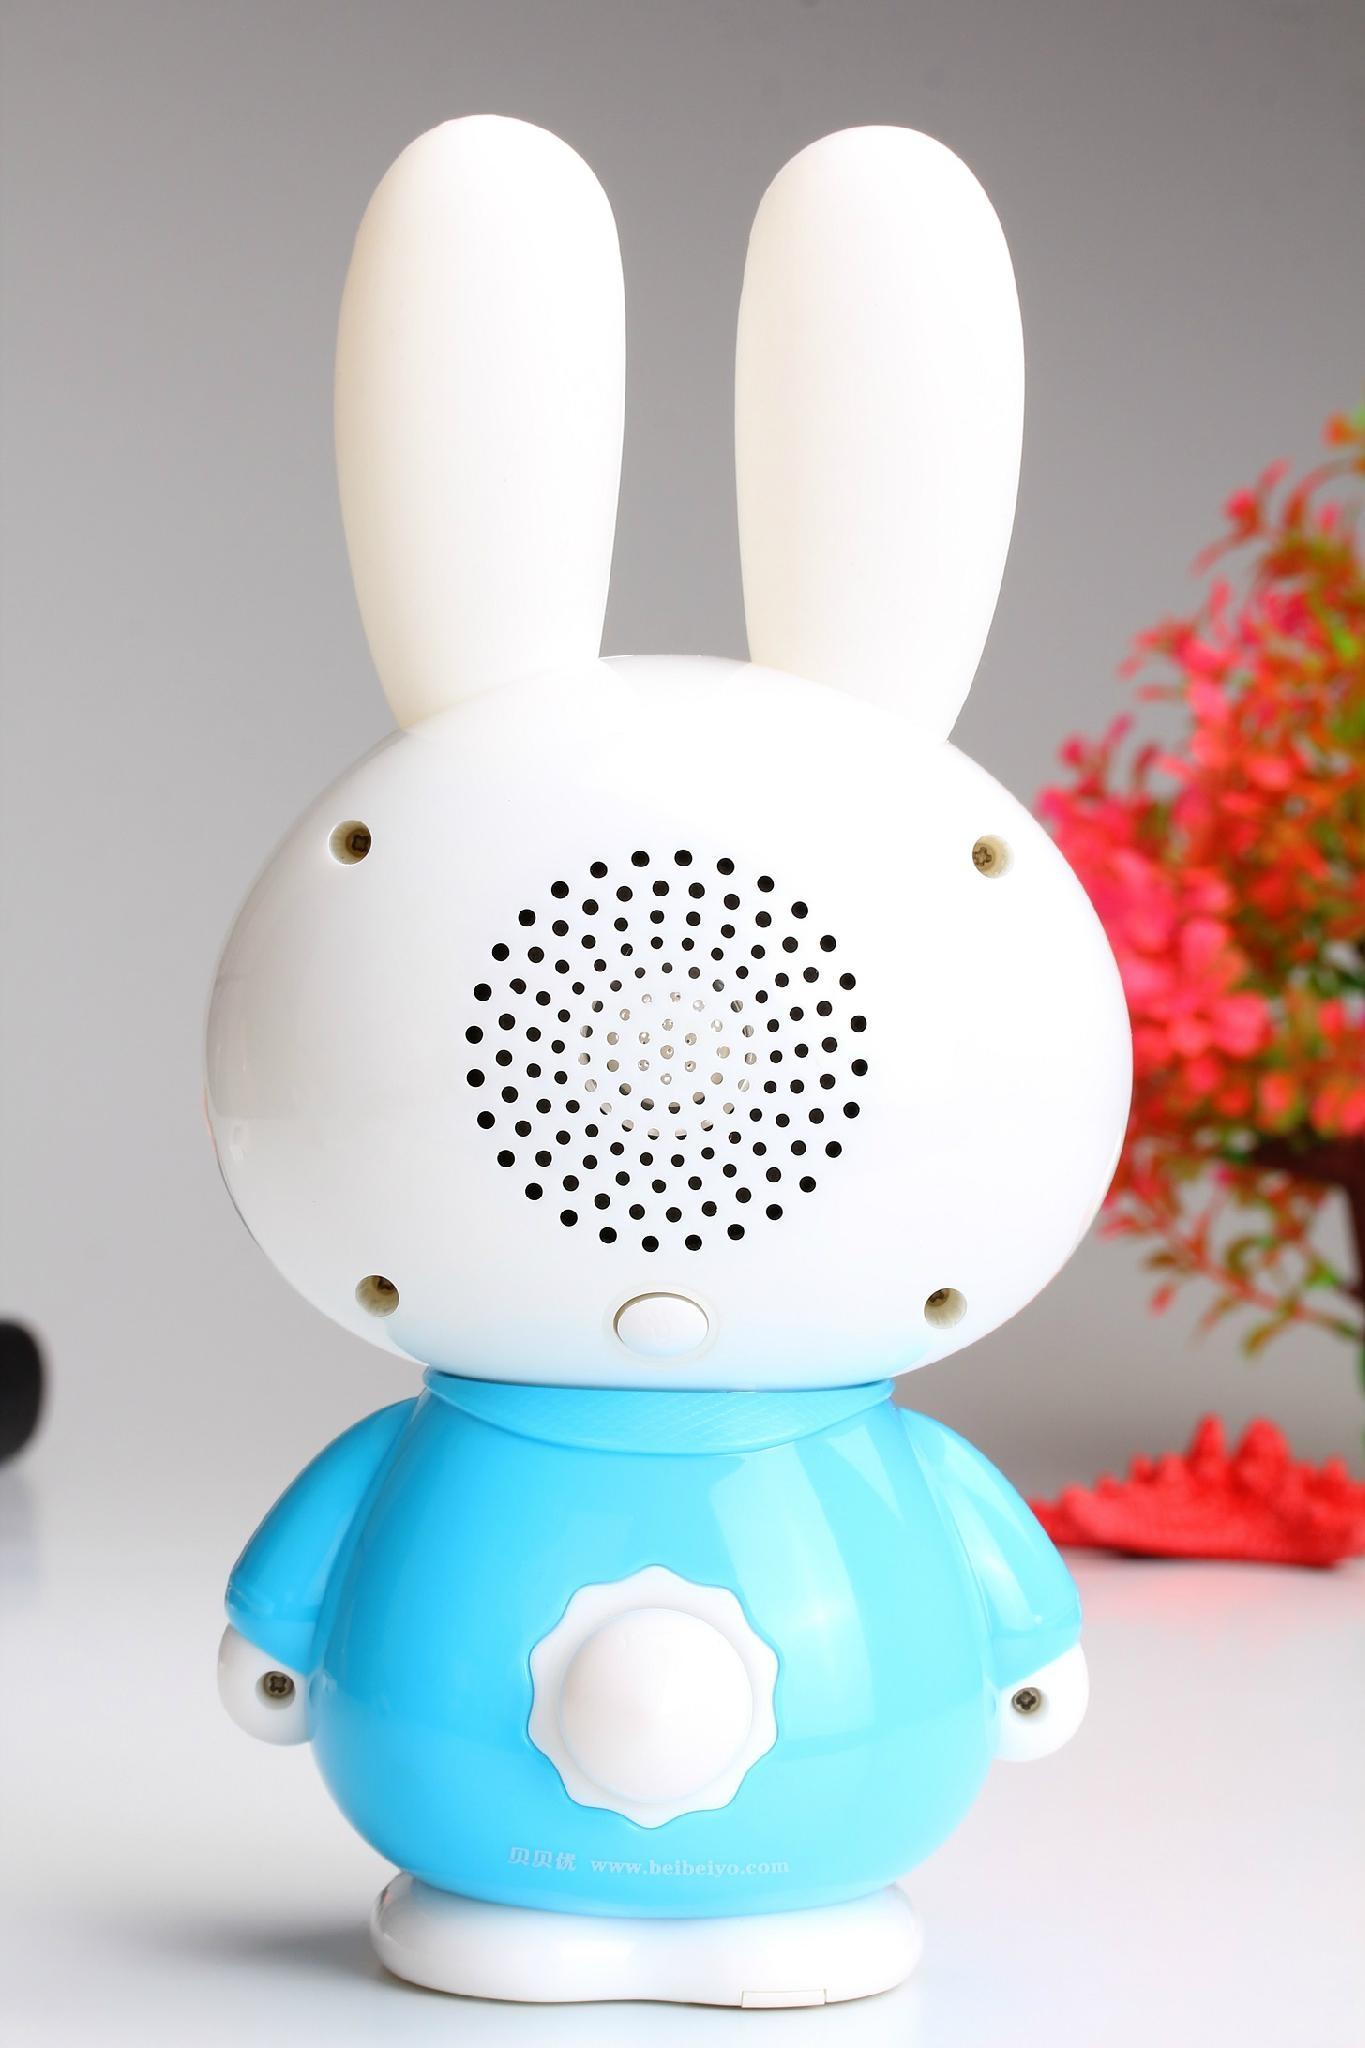 工厂供应贝贝优可儿童早教故事机Q5可充电下载录音抗摔带夜灯 3